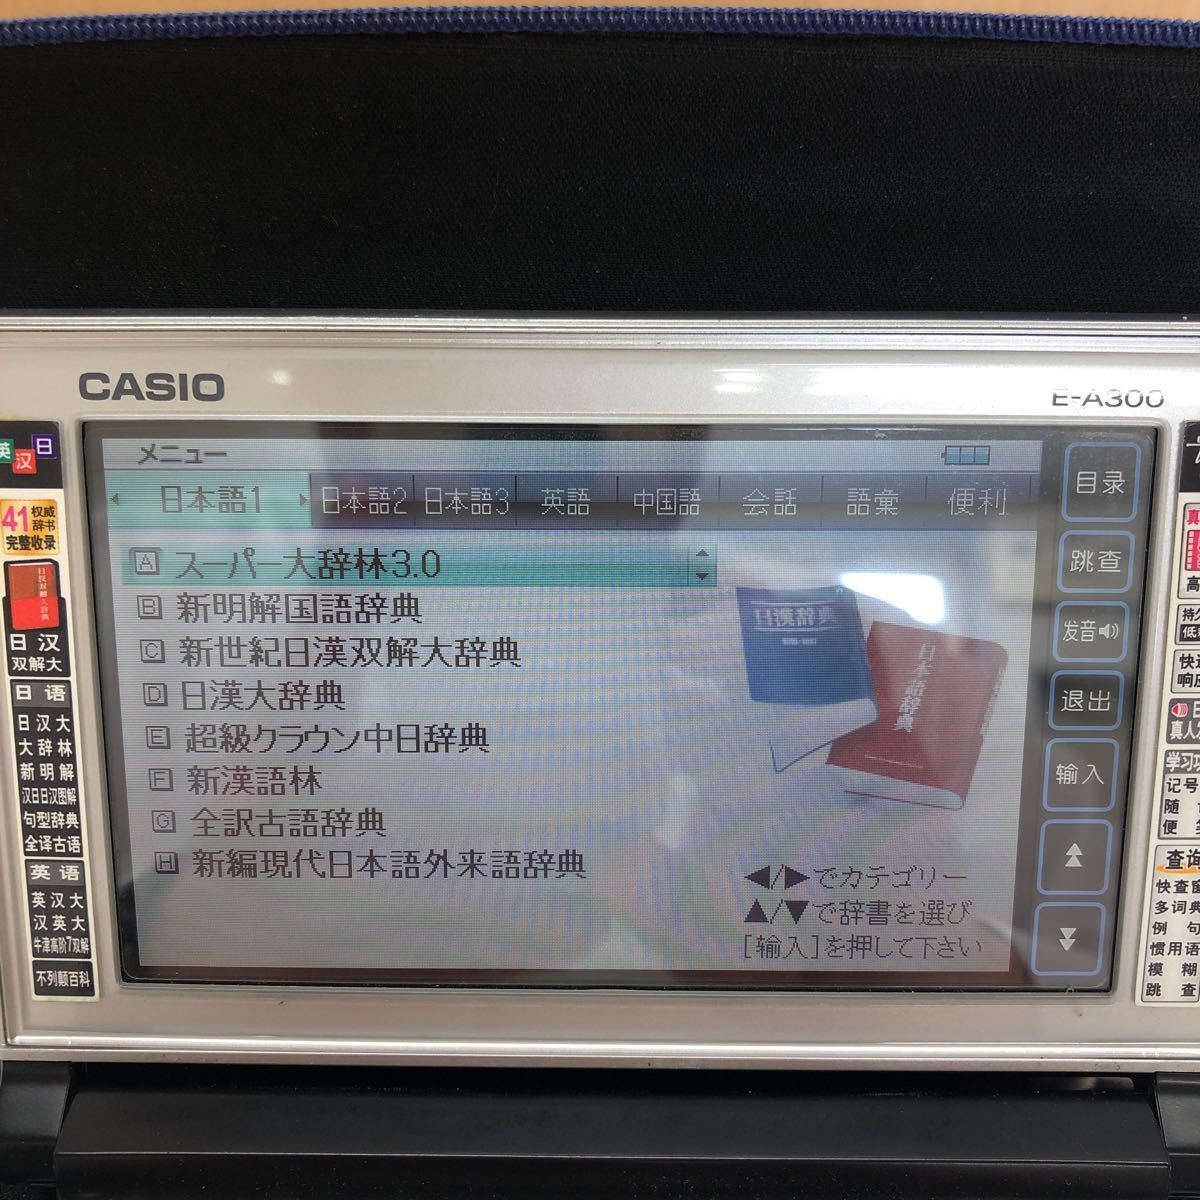 【稼働品】CASIO E-A300 中国語 日本語 電子辞書 英会話 _画像2